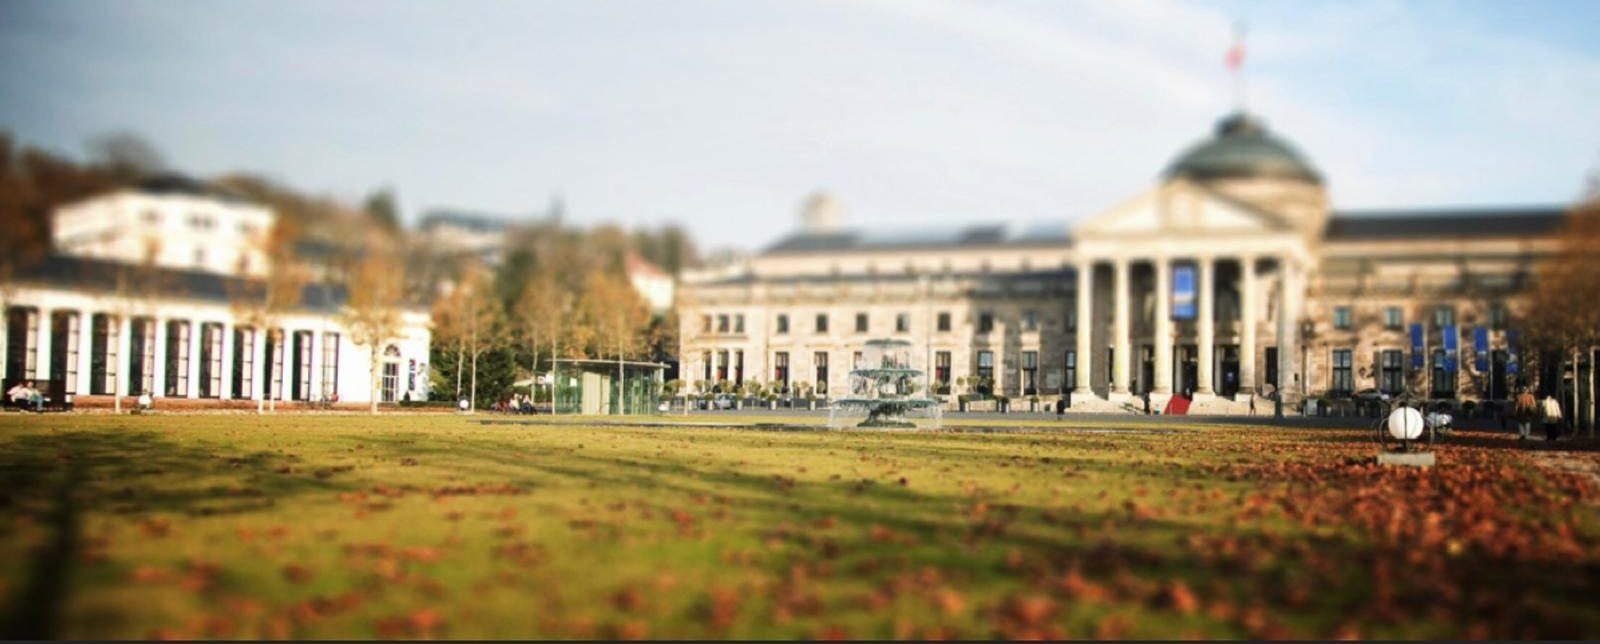 Wiesbaden Kurhaus